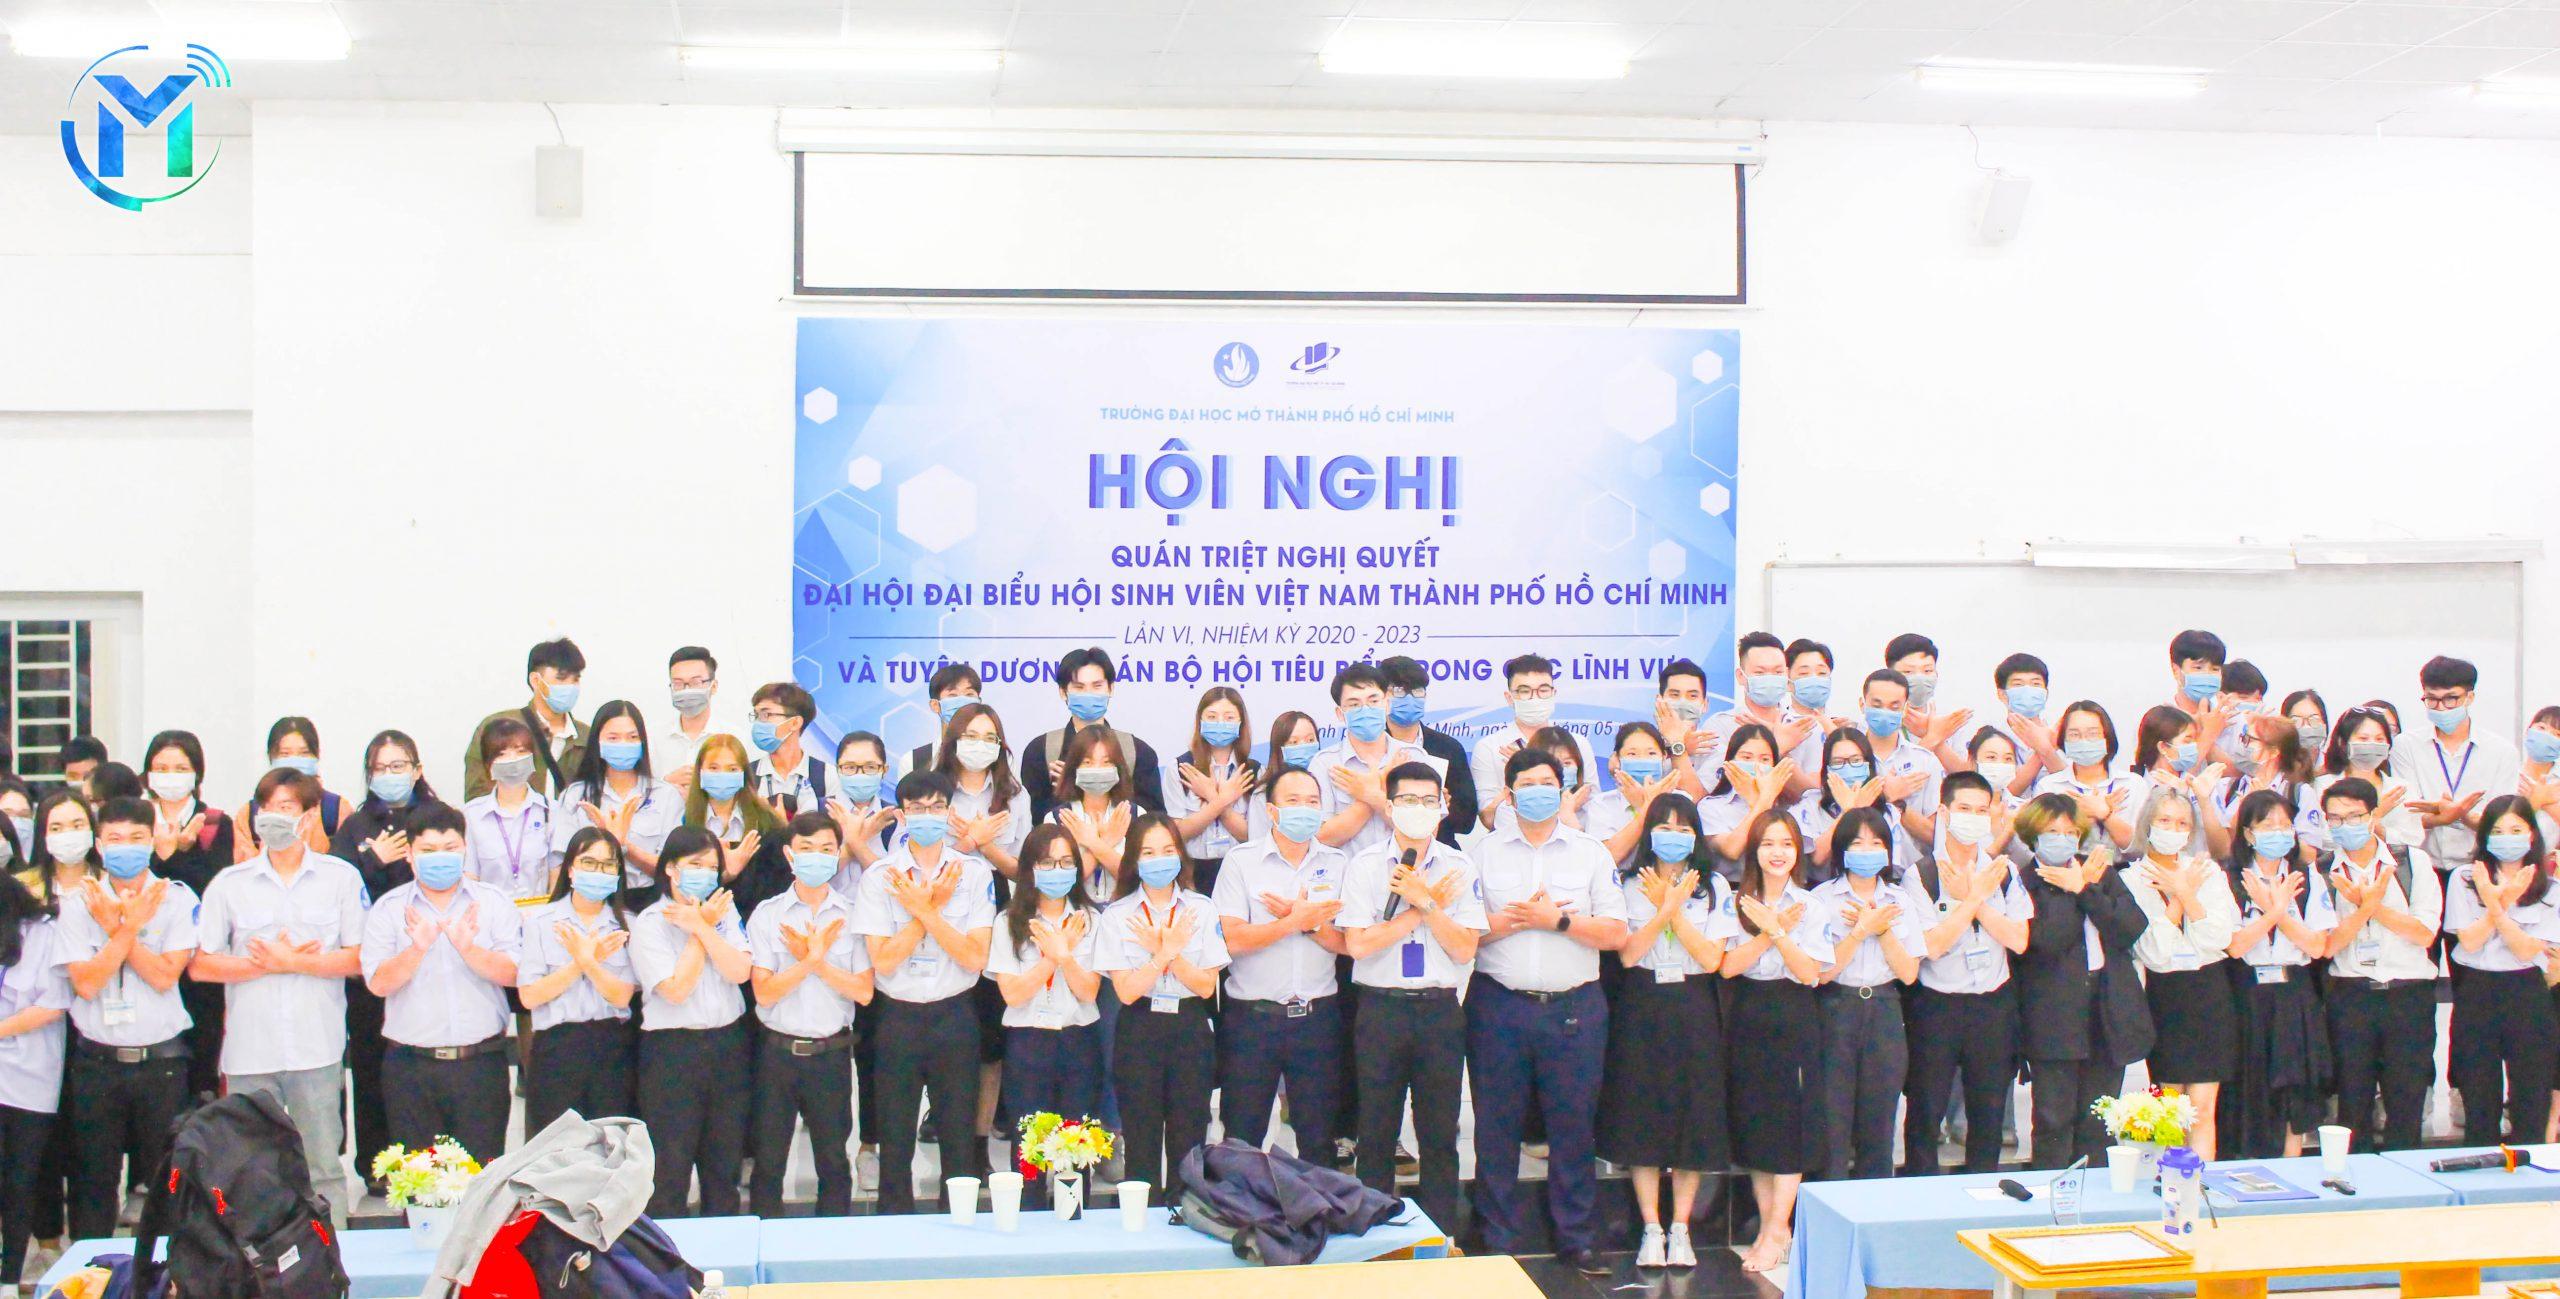 Hội nghị học tập, quán triệt Nghị quyết Đại hội đại biểu Hội sinh viên Việt Nam TP.HCM lần thứ VI, nhiệm kỳ 2020 – 2023 và Tuyên dương cán bộ Hội tiêu biểu